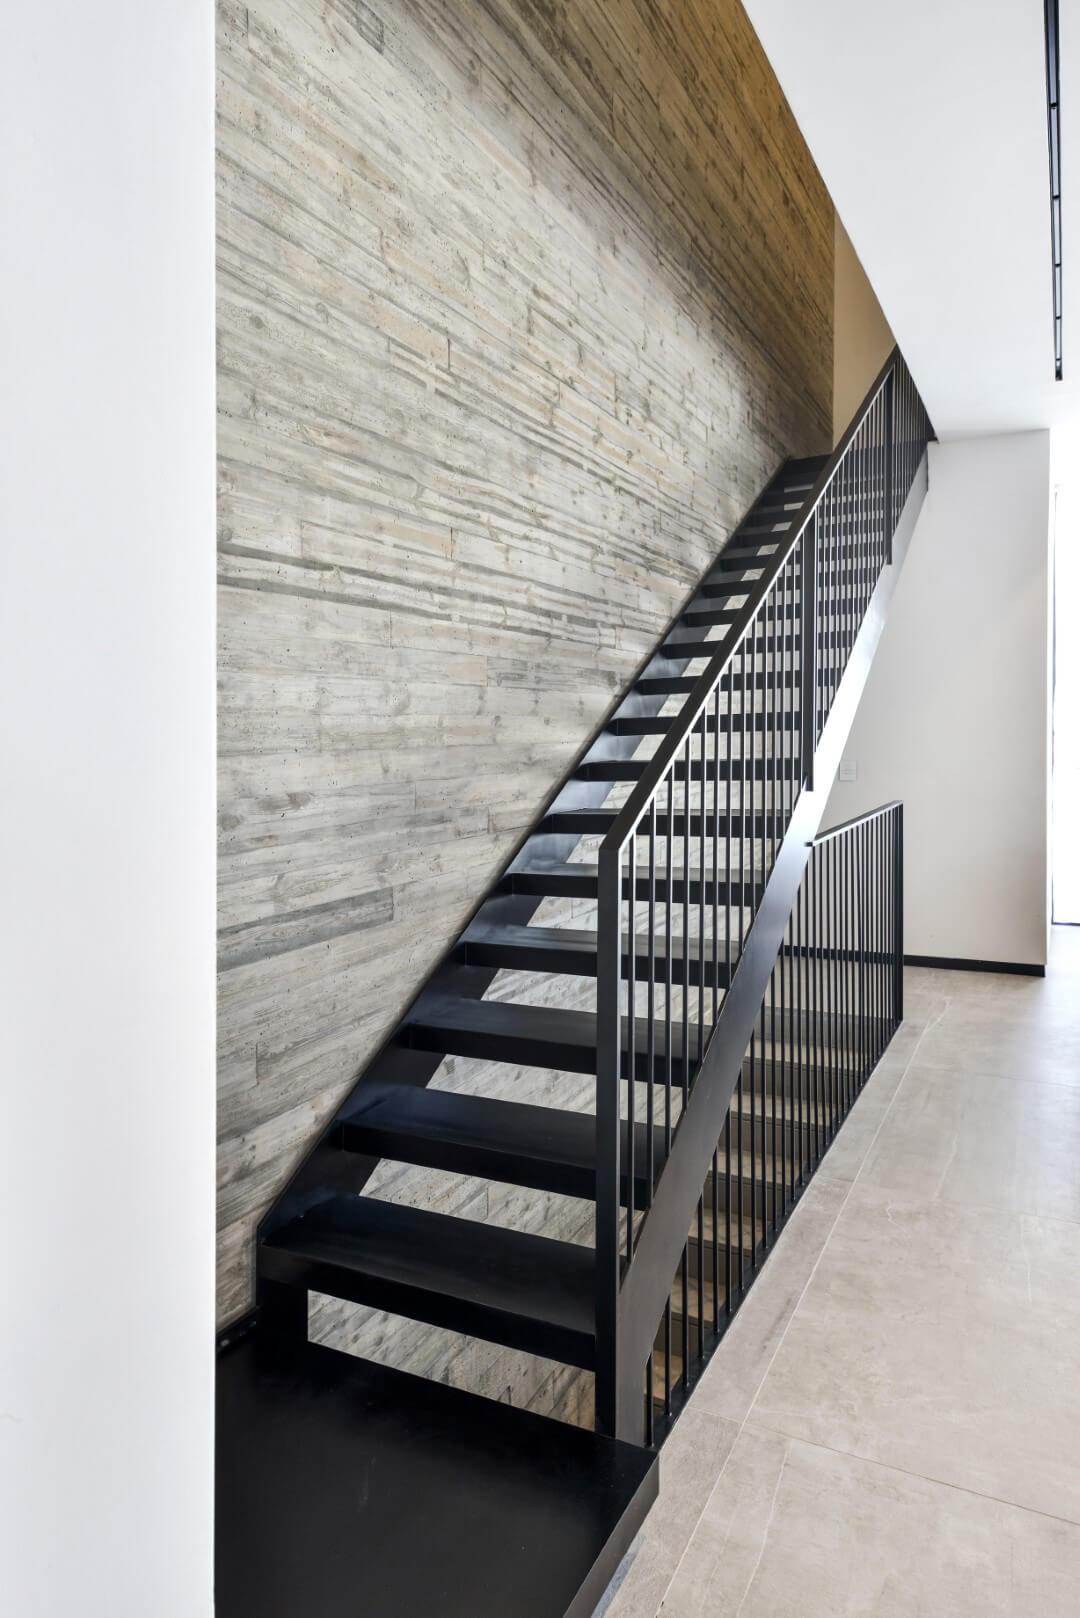 גרם מדרגות ברזל שחור מחבר בין שתי הקומות בליווי של מעקה ברזל שחור